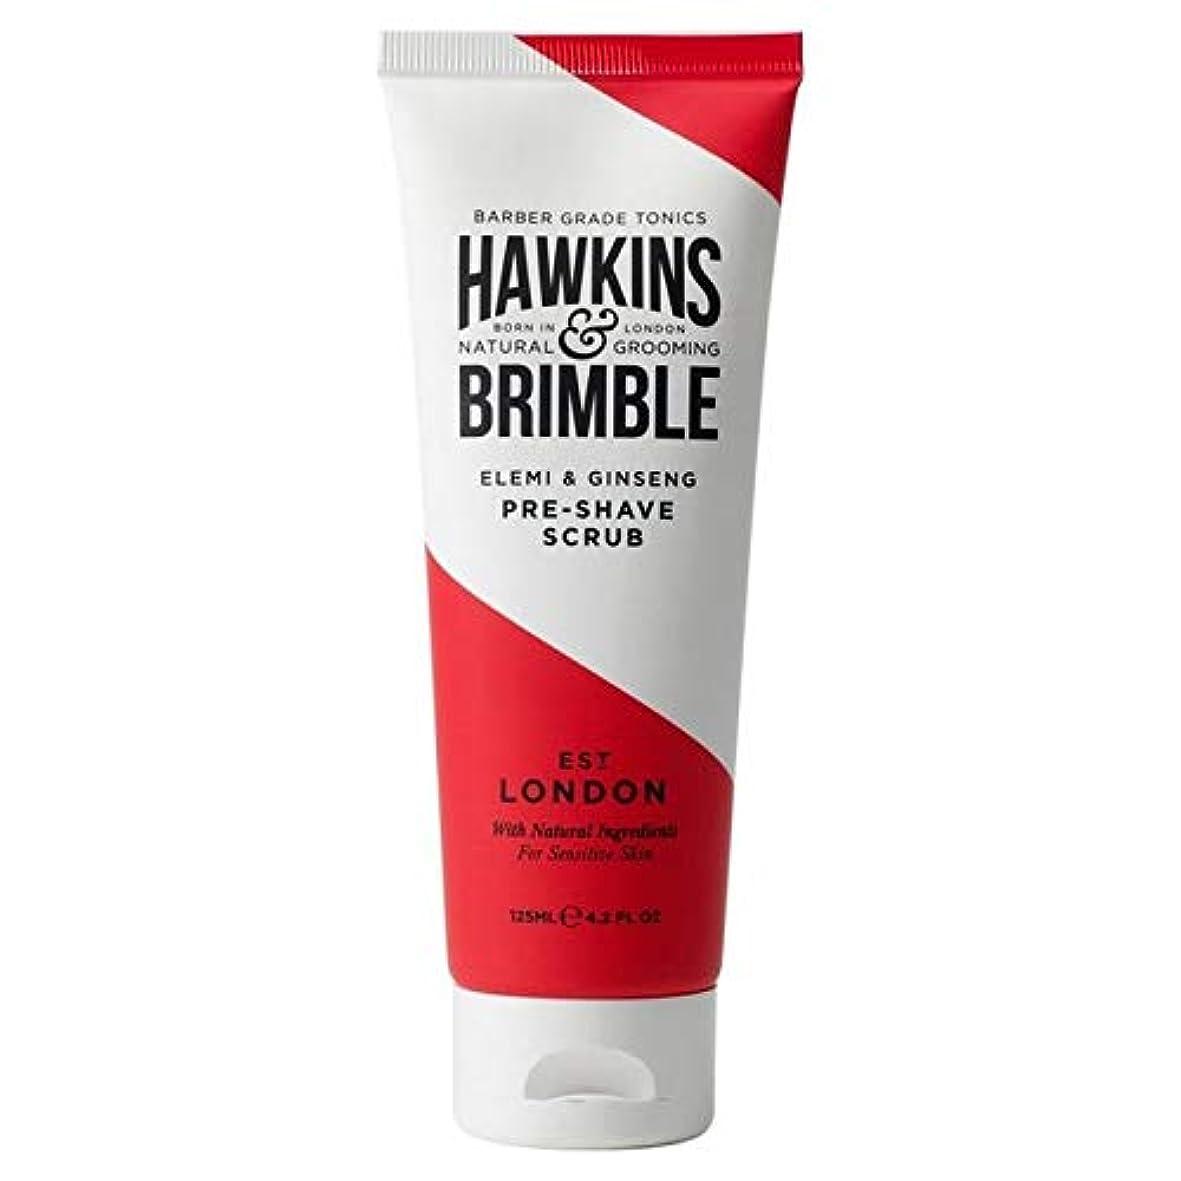 革新慣れている症状[Hawkins & Brimble] ホーキンス&Brimbleプレシェーブスクラブ125ミリリットル - Hawkins & Brimble Pre Shave Scrub 125ml [並行輸入品]